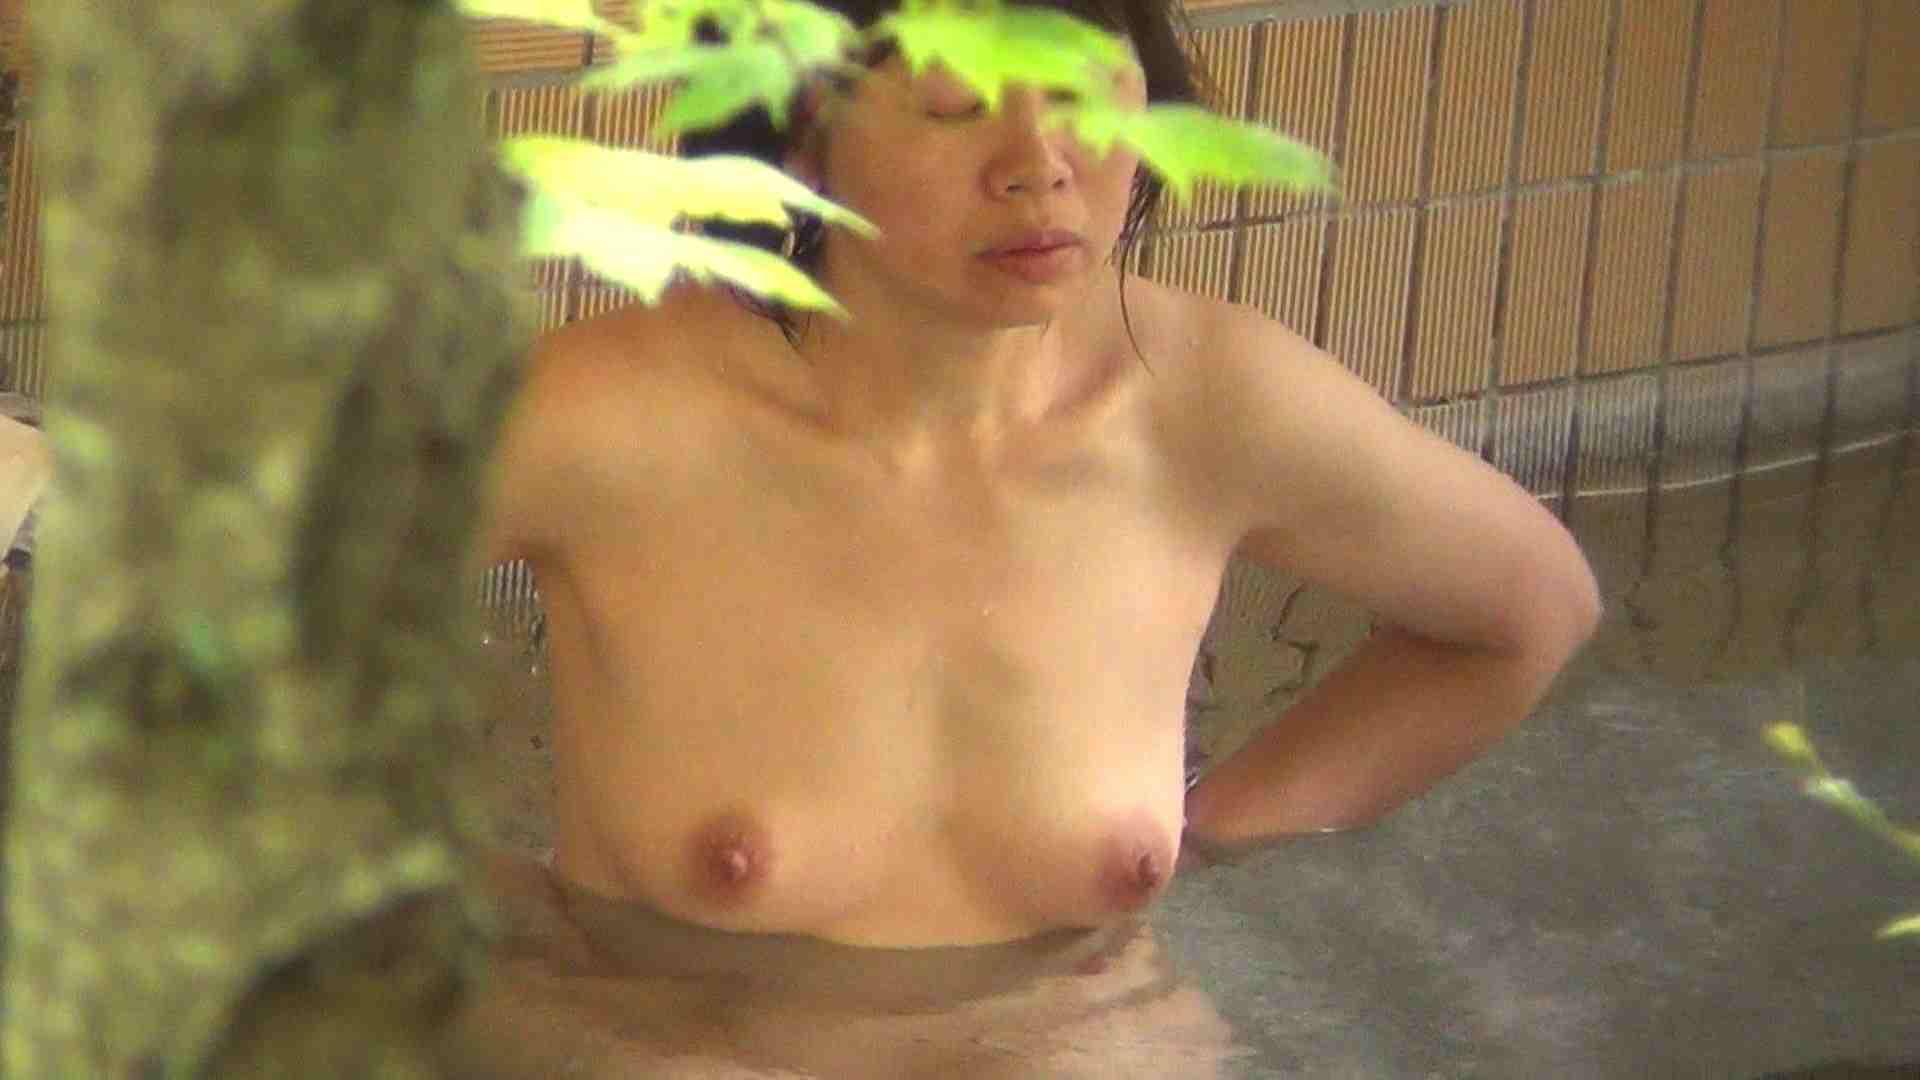 Aquaな露天風呂Vol.247 盗撮  106画像 54